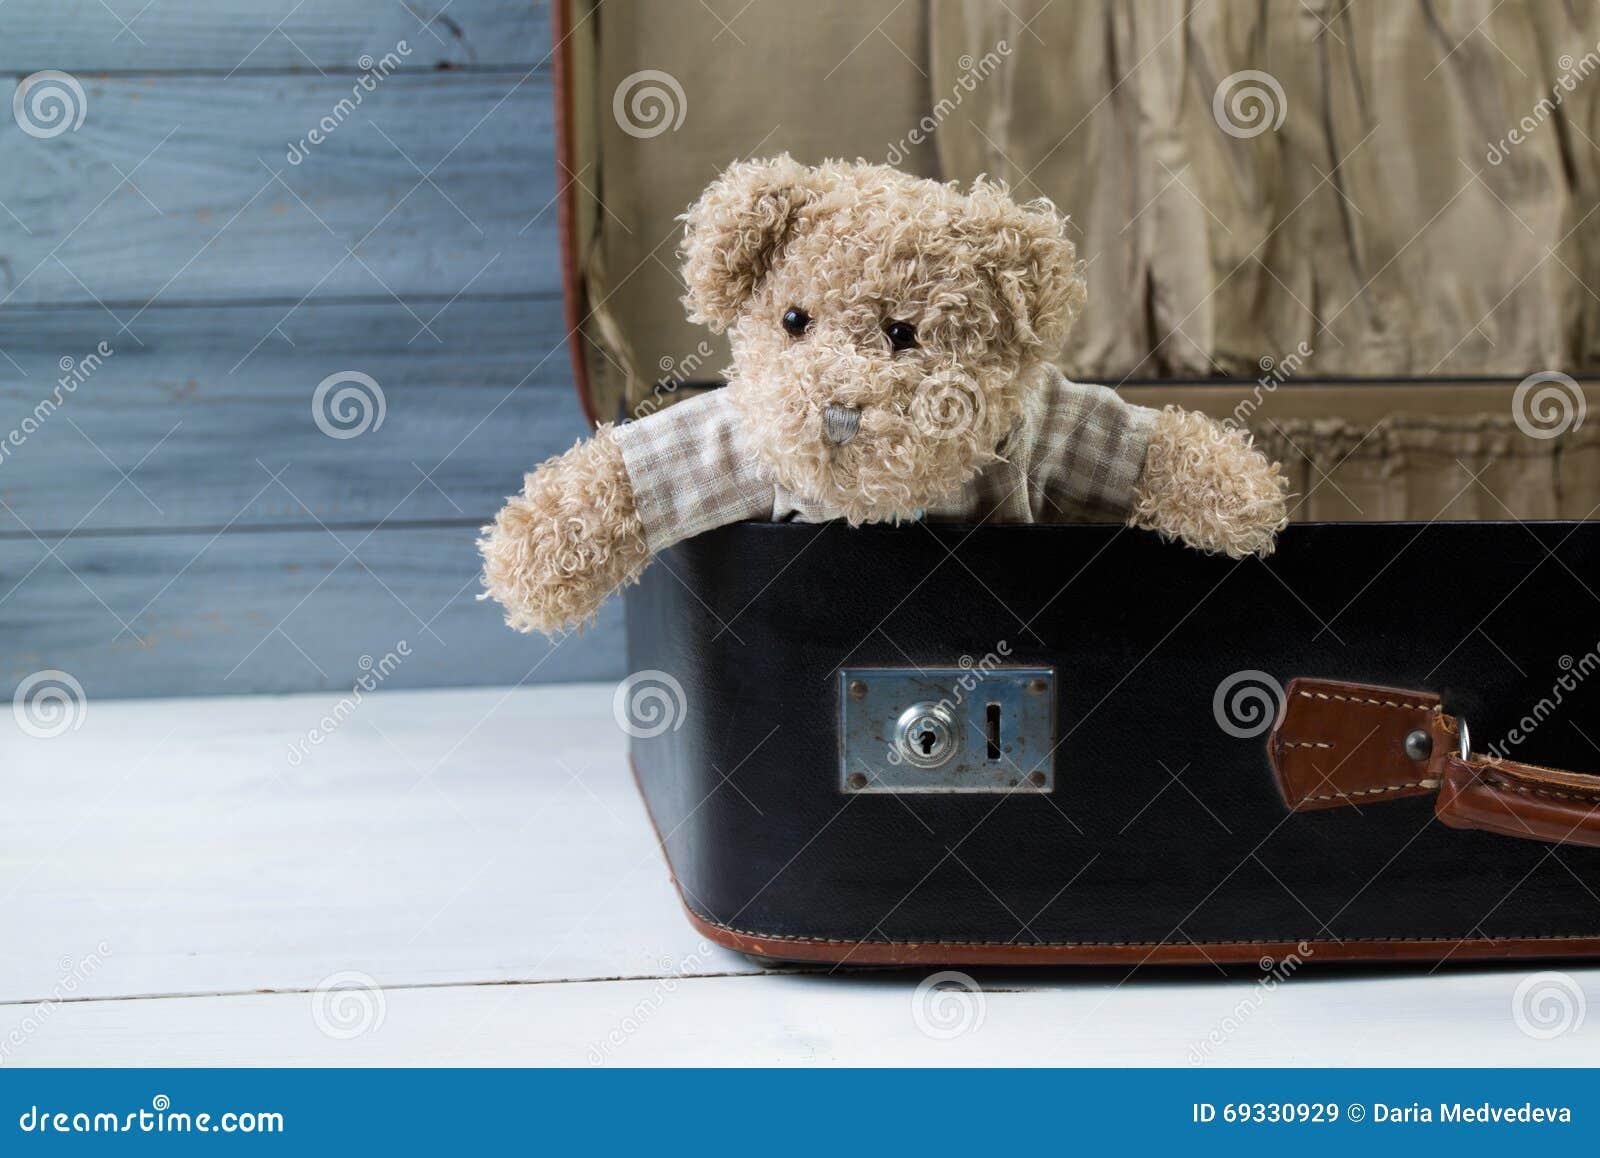 Orsacchiotto in una vecchia valigia di cuoio